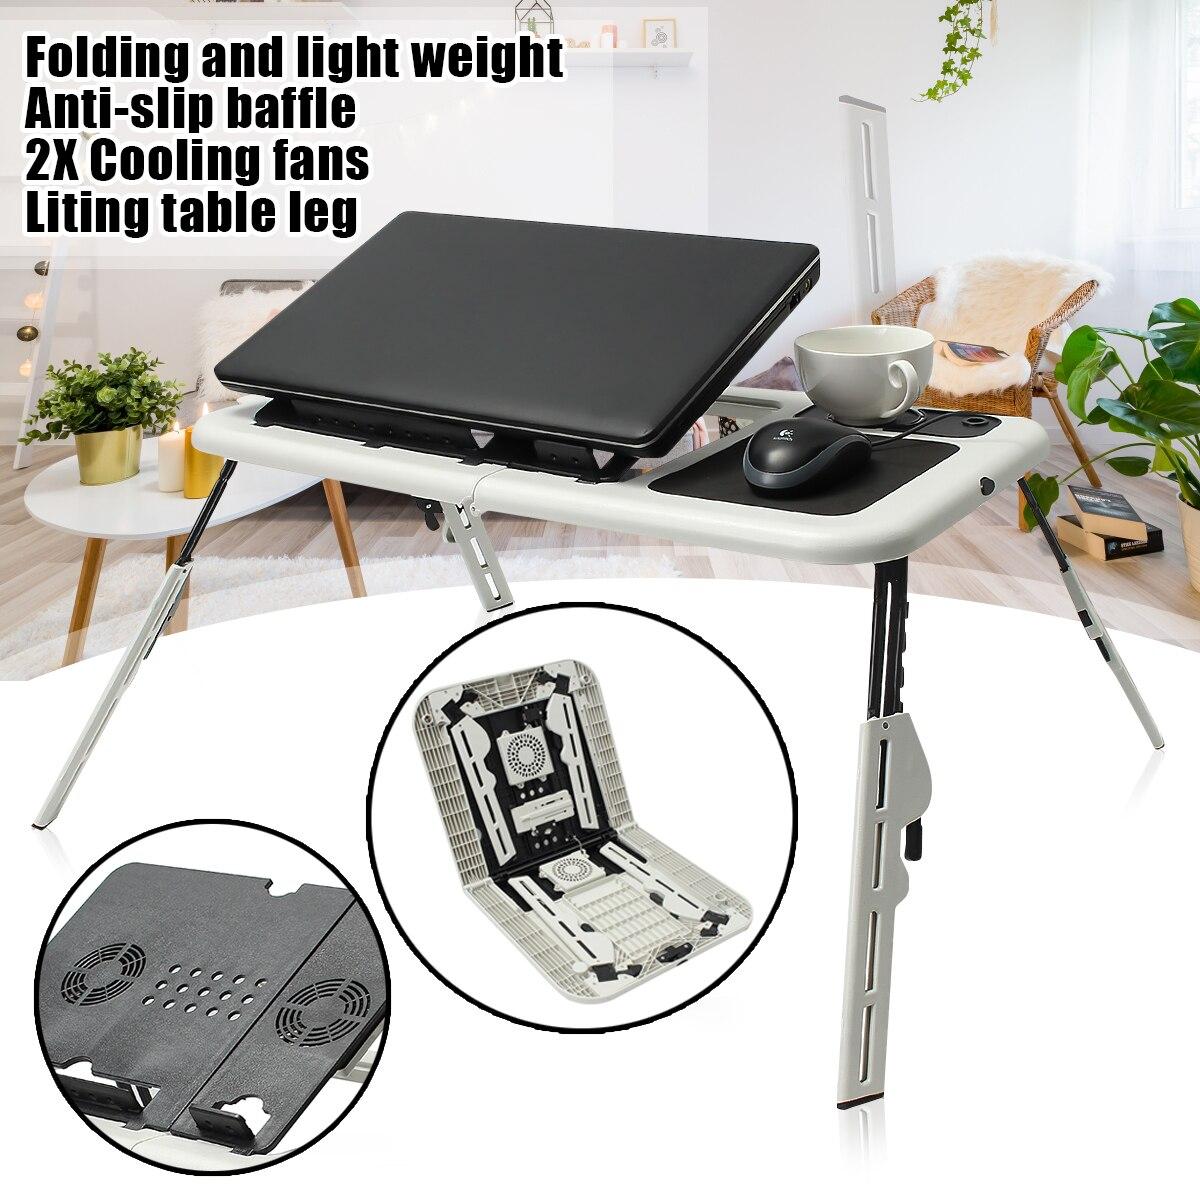 2 ventilateurs de refroidissement USB pliant bureau d'ordinateur portable Table support d'ordinateur portable support de bureau avec tapis de souris puissant Table d'ordinateur portable Laptodesk pour lit